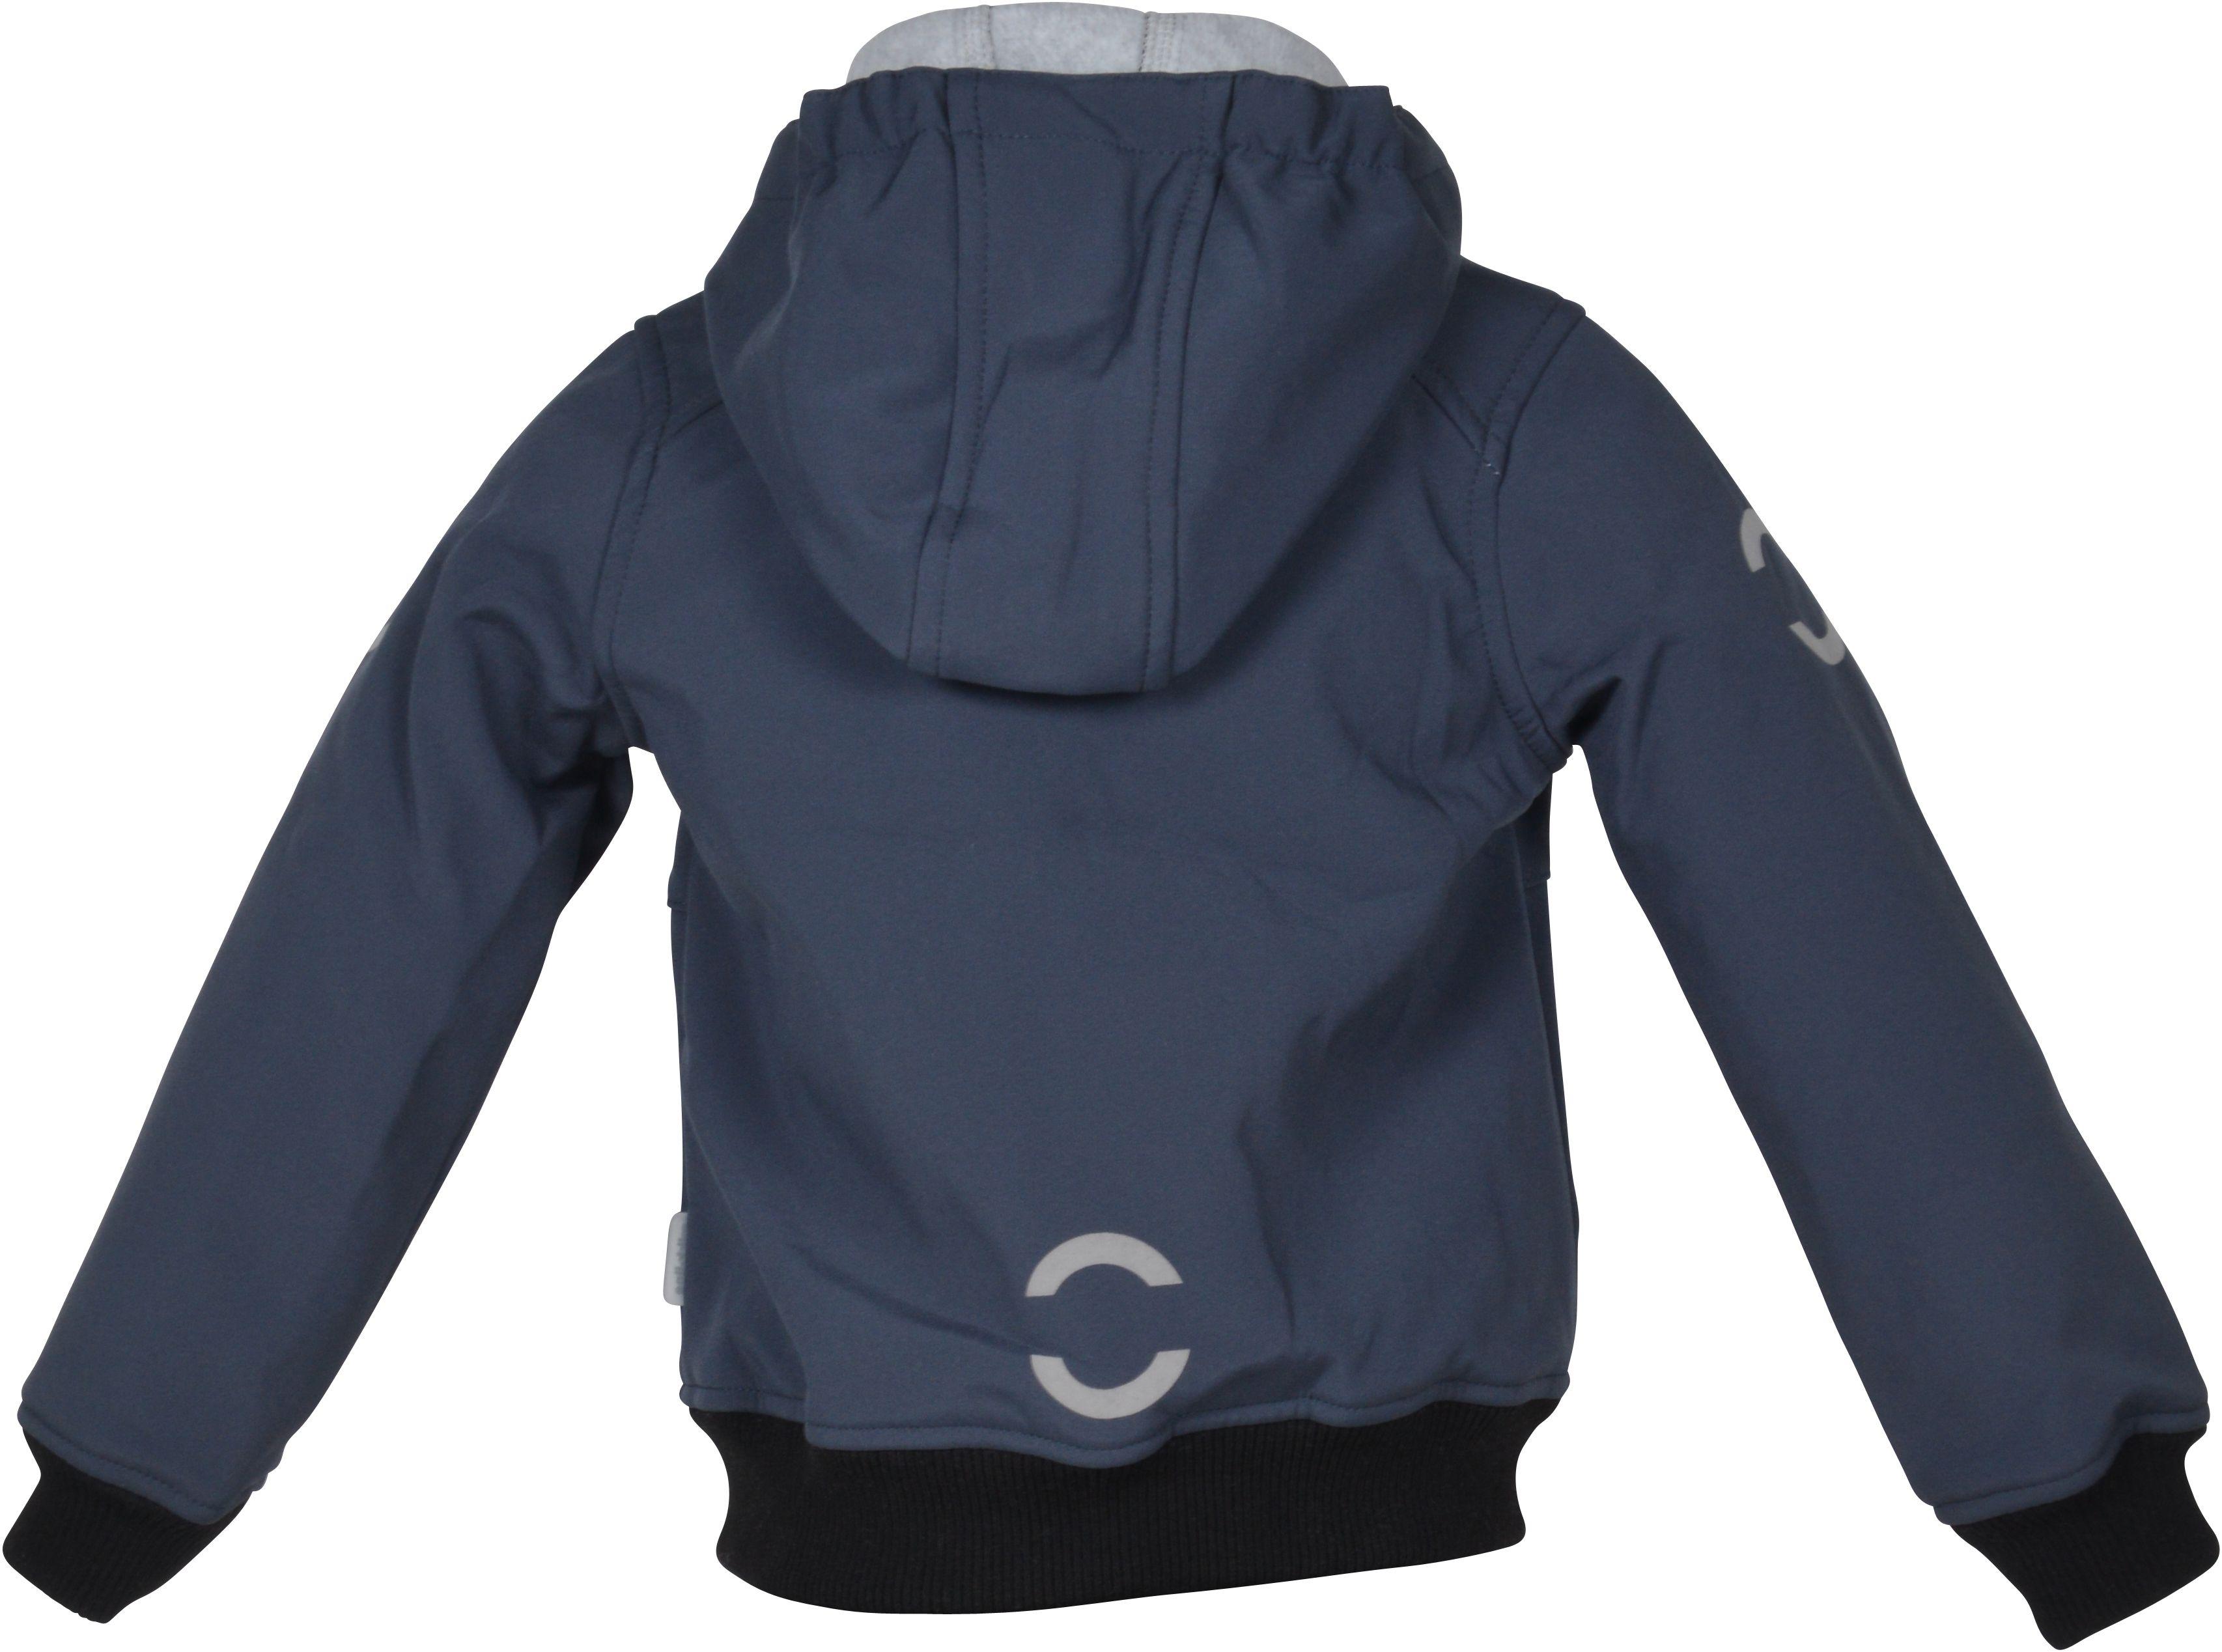 6c0bf94abee Softshell jakke fra Mikk-Line - Bomber Jacket - Blue Nights - FRI Fragt -  Køb praktisk softshell jakke fra Mikk-Line